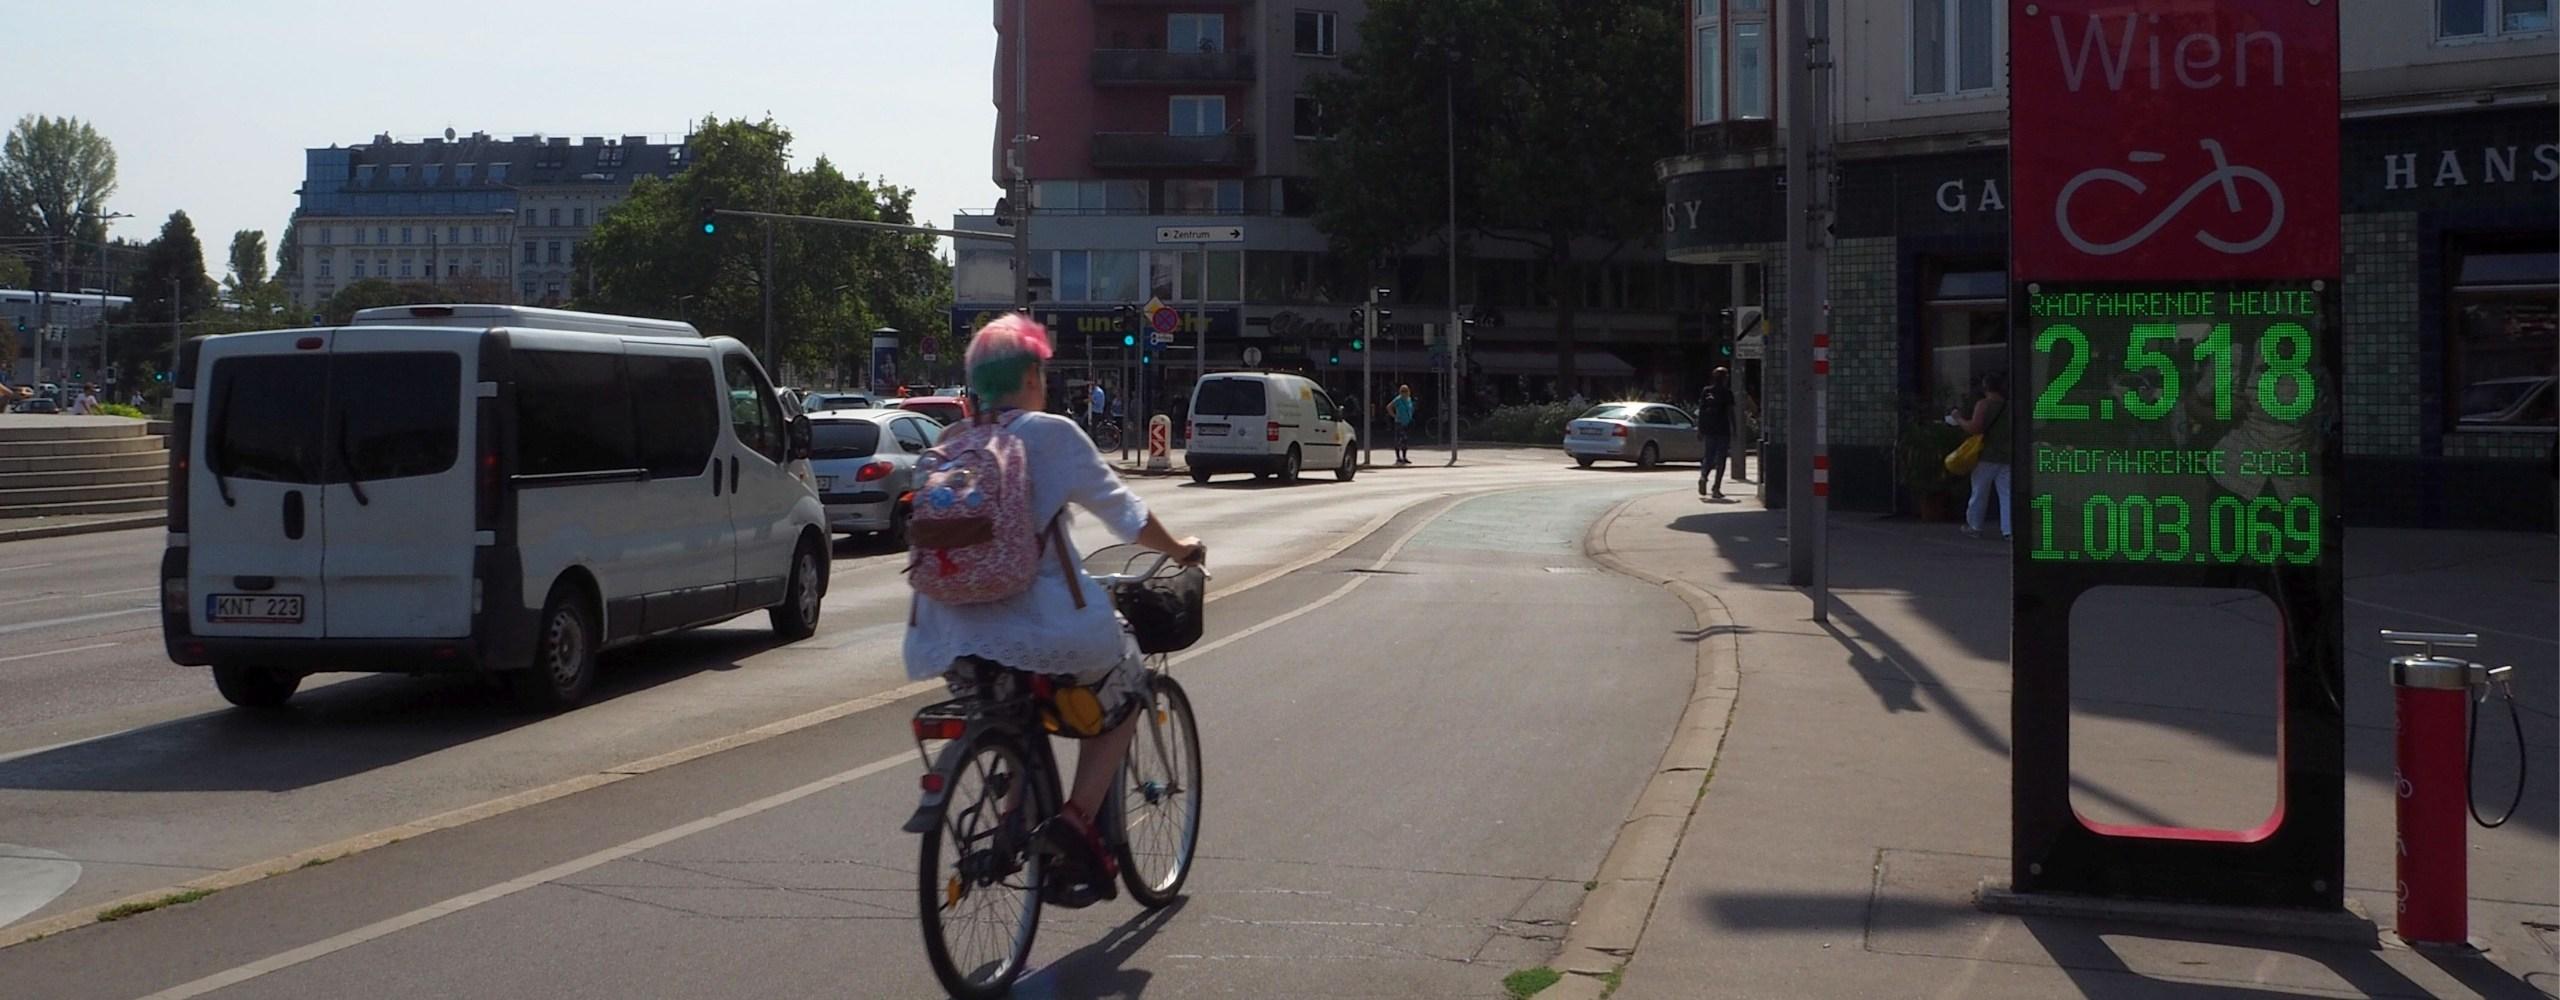 Zählstelle am Praterstern zeigt über eine Million Radfahrende 2021